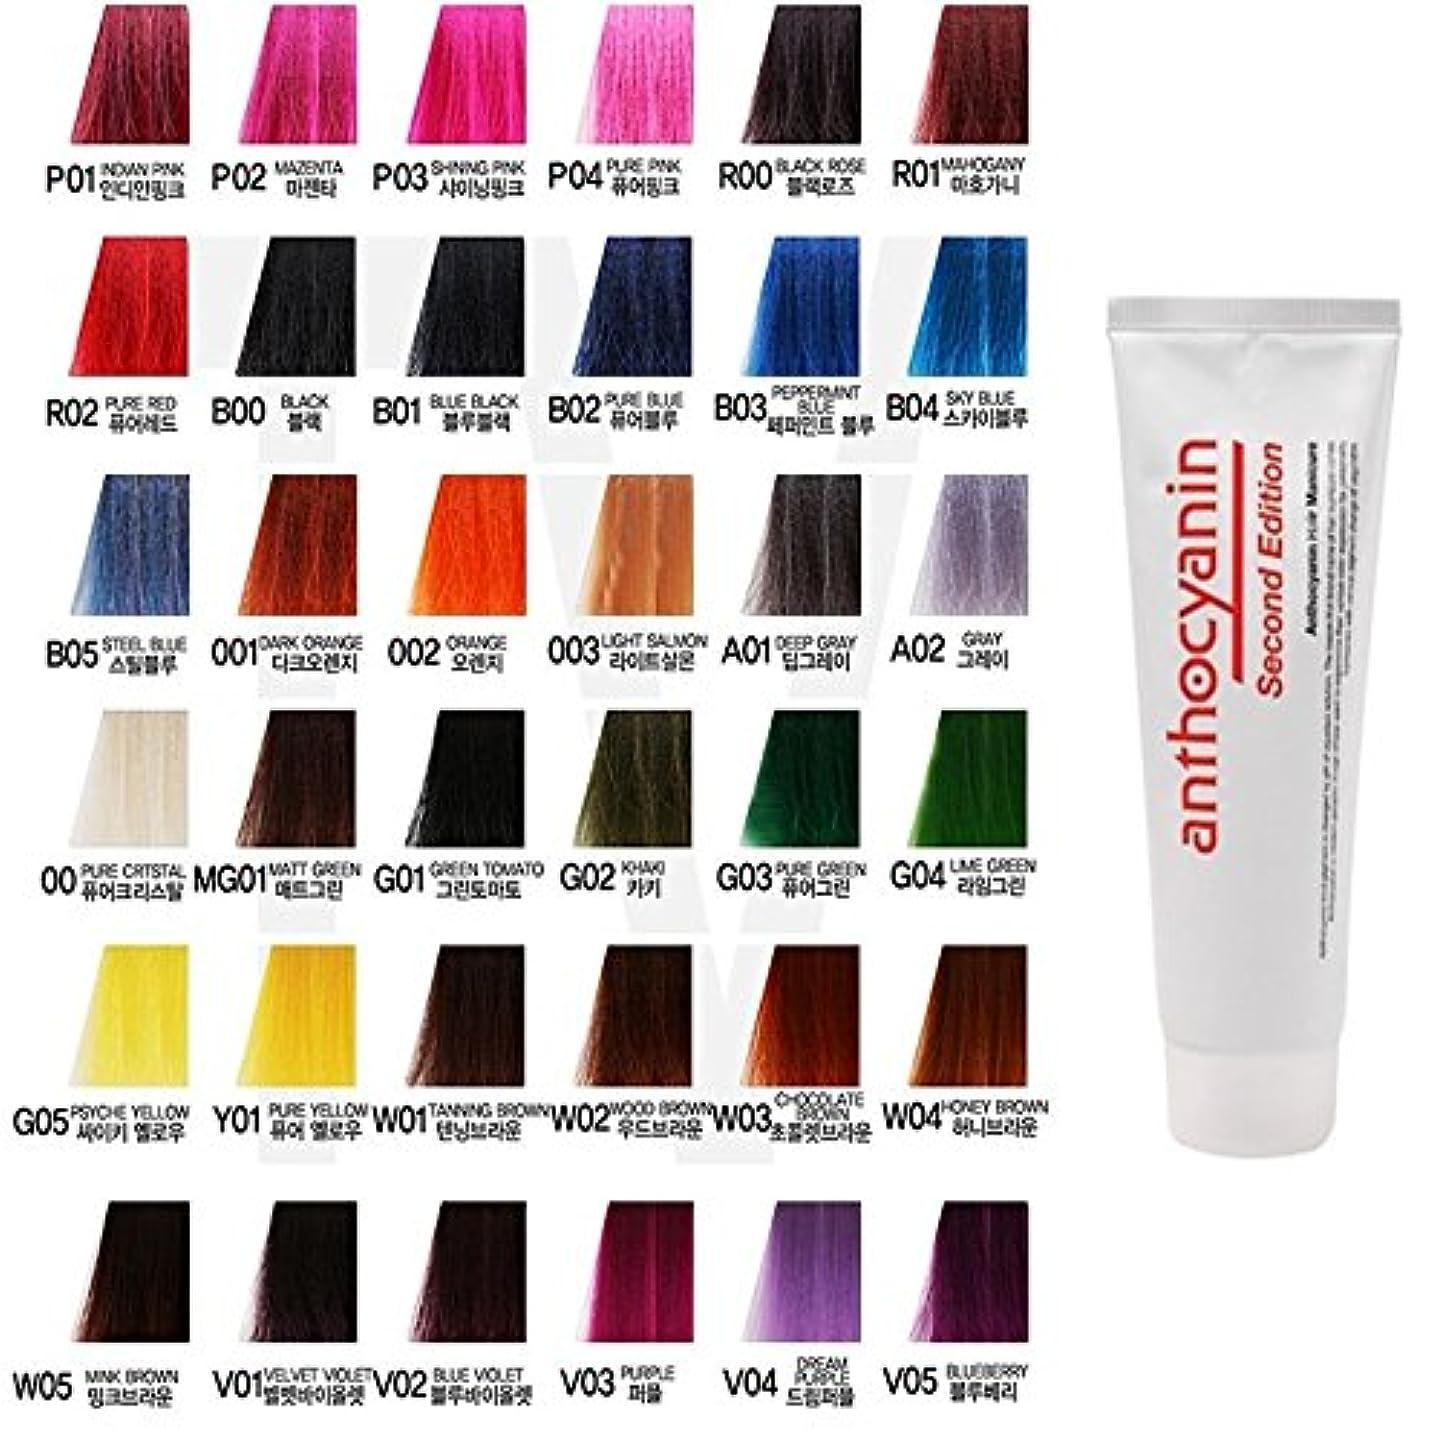 抱擁コンパス大脳ヘア マニキュア カラー セカンド エディション 230g セミ パーマネント 染毛剤 ( Hair Manicure Color Second Edition 230g Semi Permanent Hair Dye) [並行輸入品] (WA03 Mud Brown)